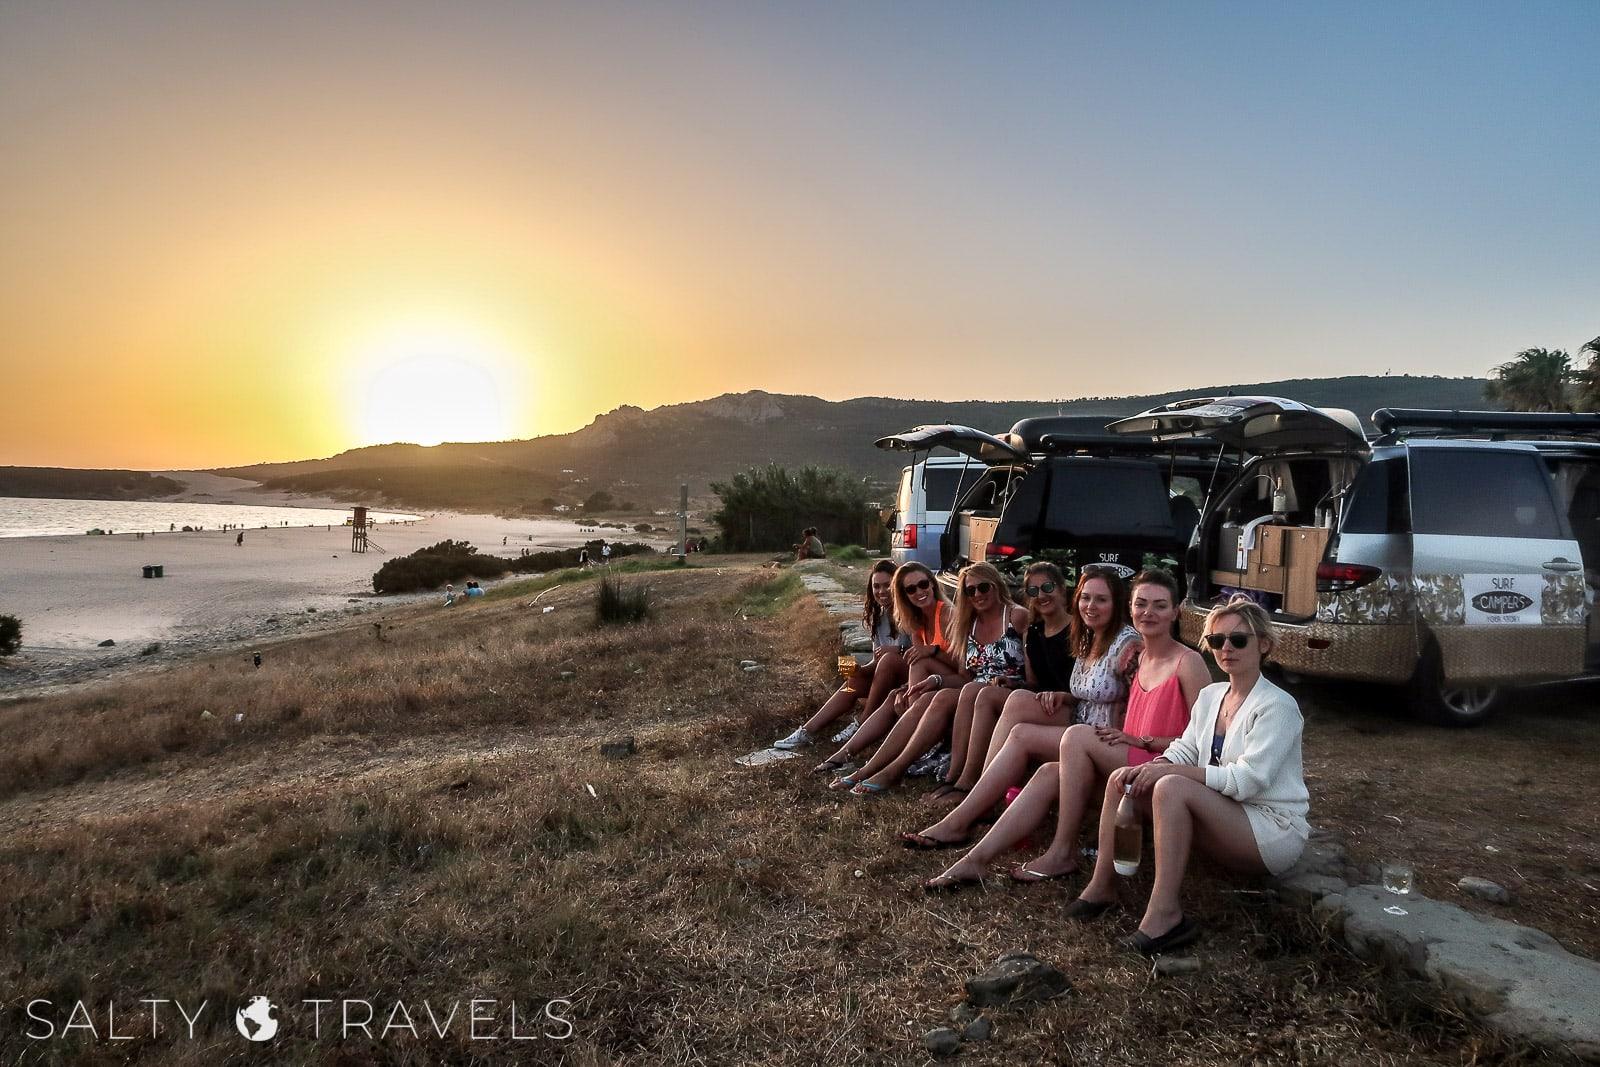 babski trip kamperem w Hiszpanii